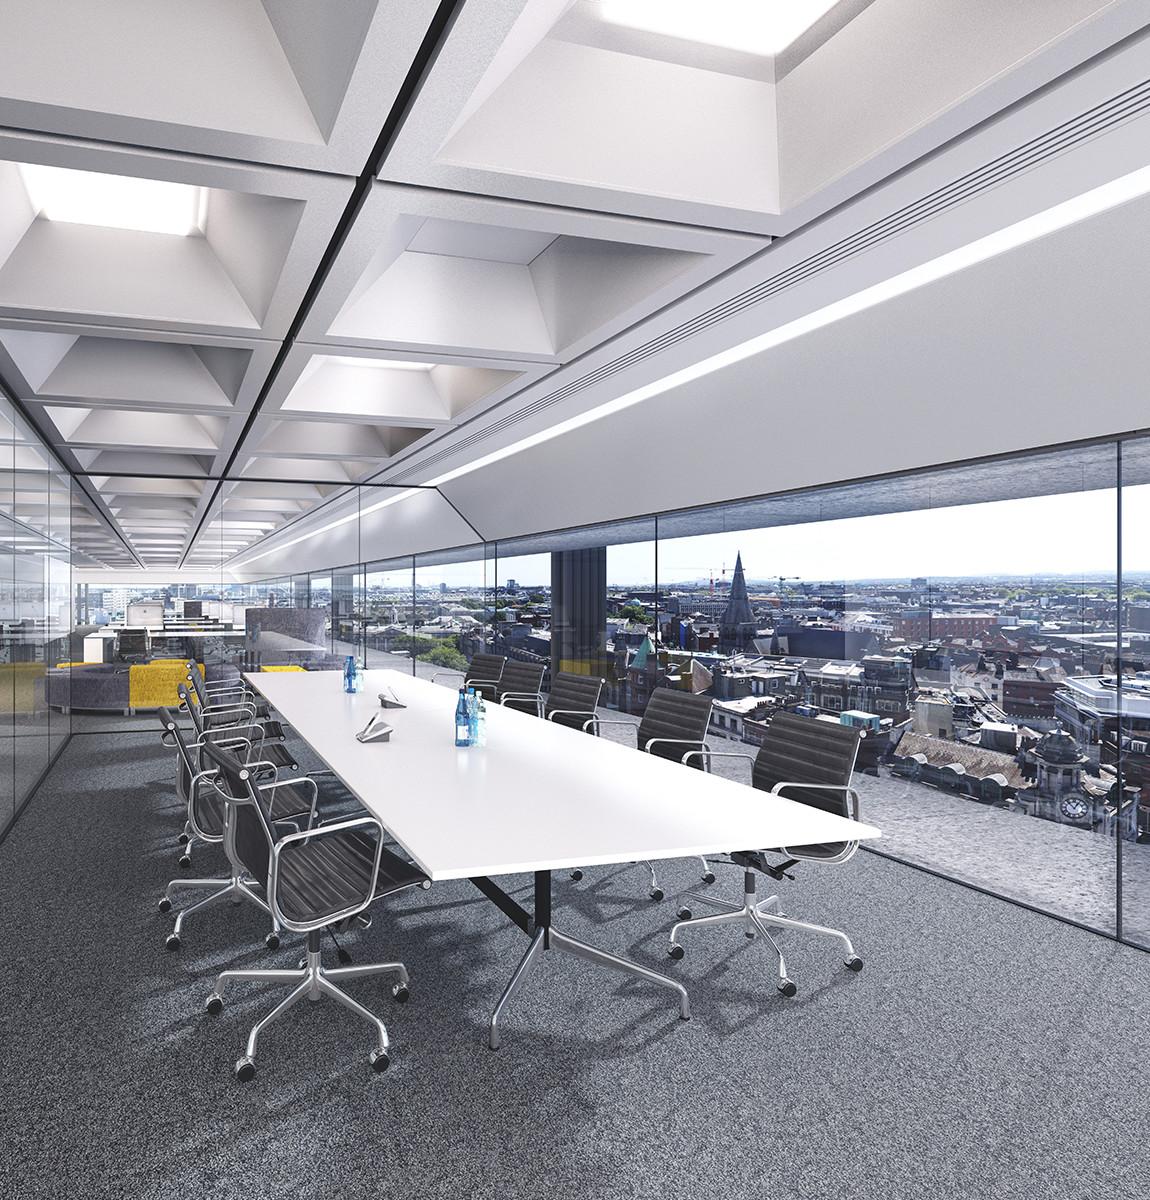 Meeting Room Floorplate